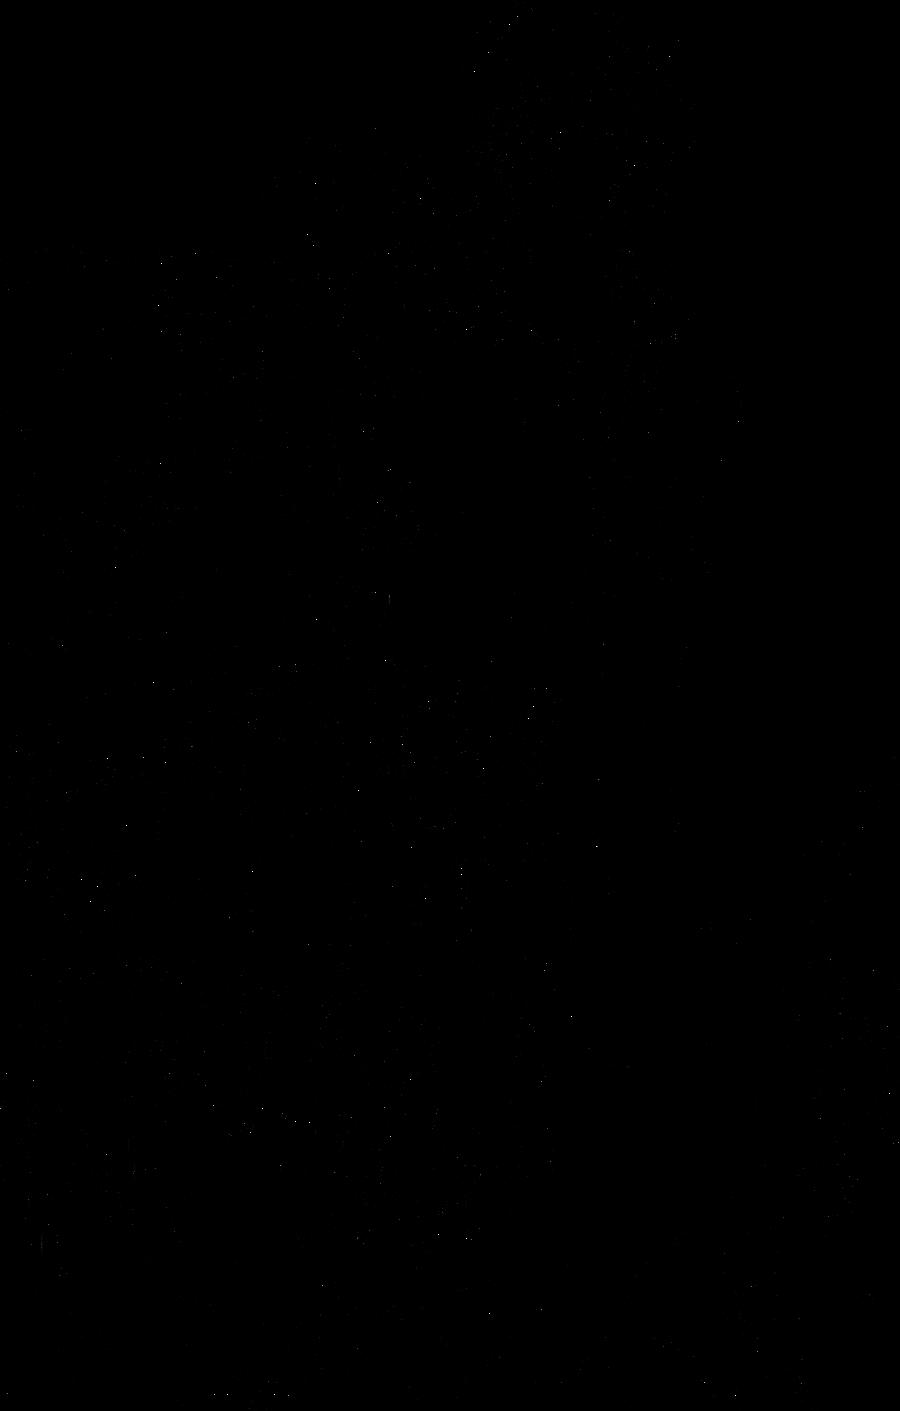 Babylonia no shishi/Liner - 1 by MSelmag